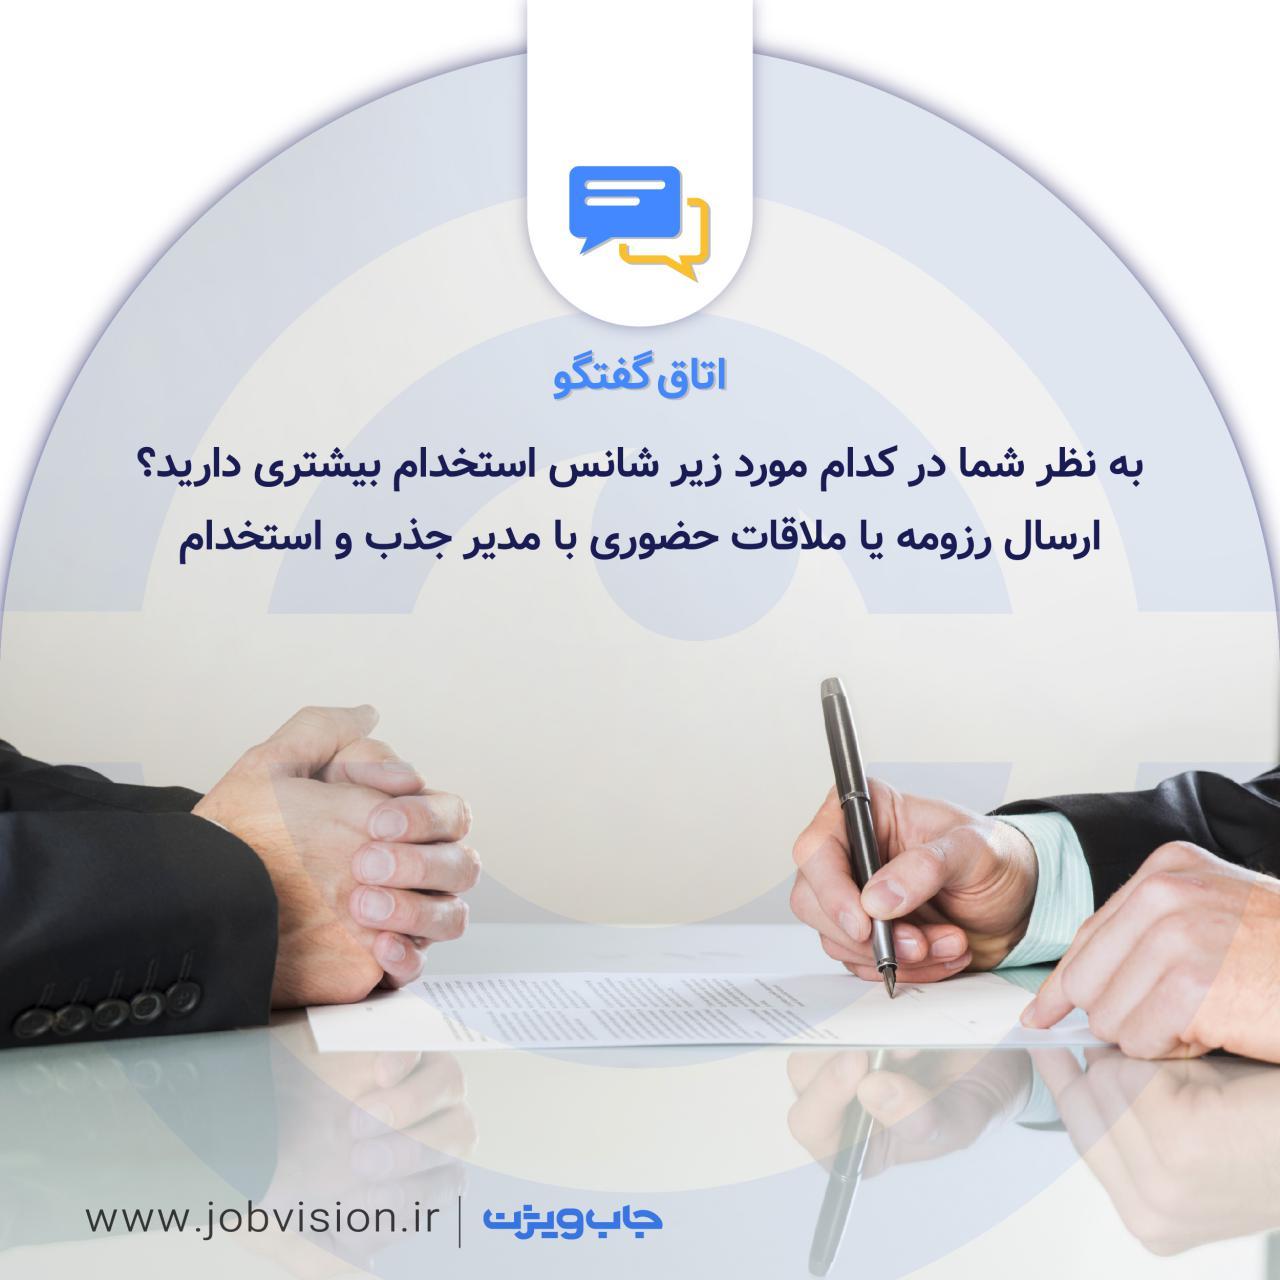 به نظر شما کدام مورد زیر شانس استخدام بیش تری دارد؟ ارسال رزومه یا ملاقات حضوری با مدیر جذب و استخدام